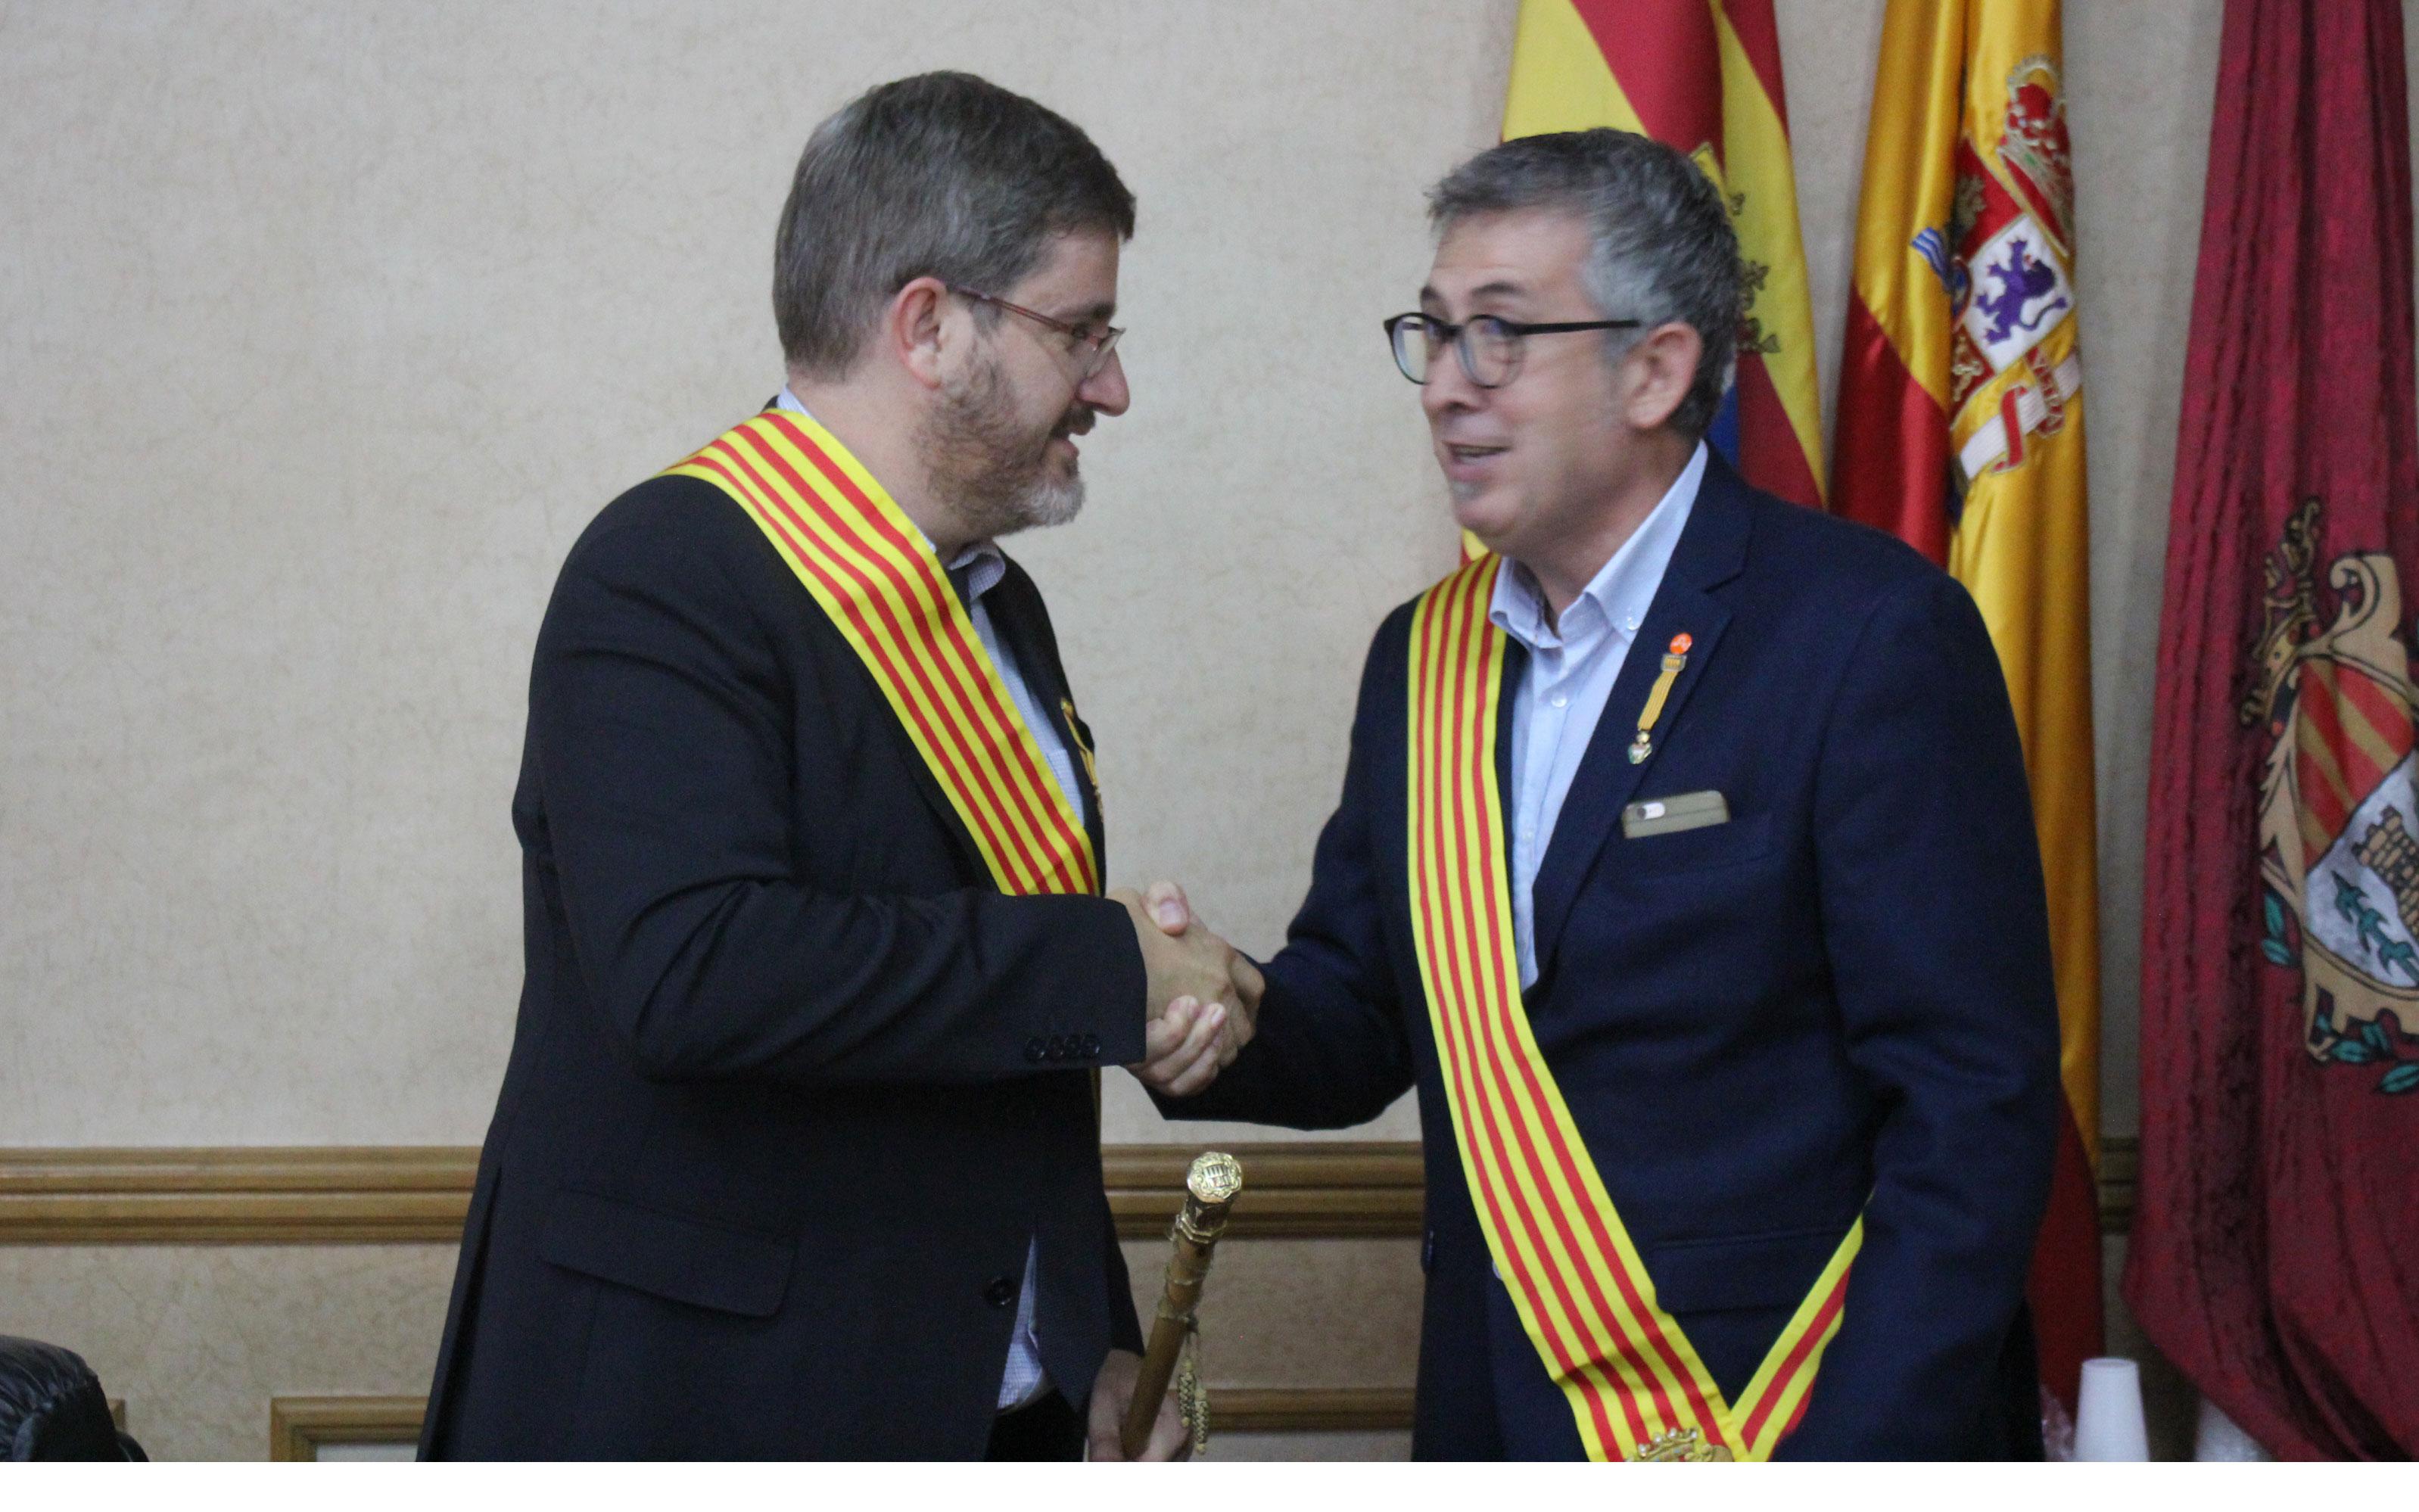 Urquizu y el concejal de Cs, Kiko Lahoz, se estrechan la mano